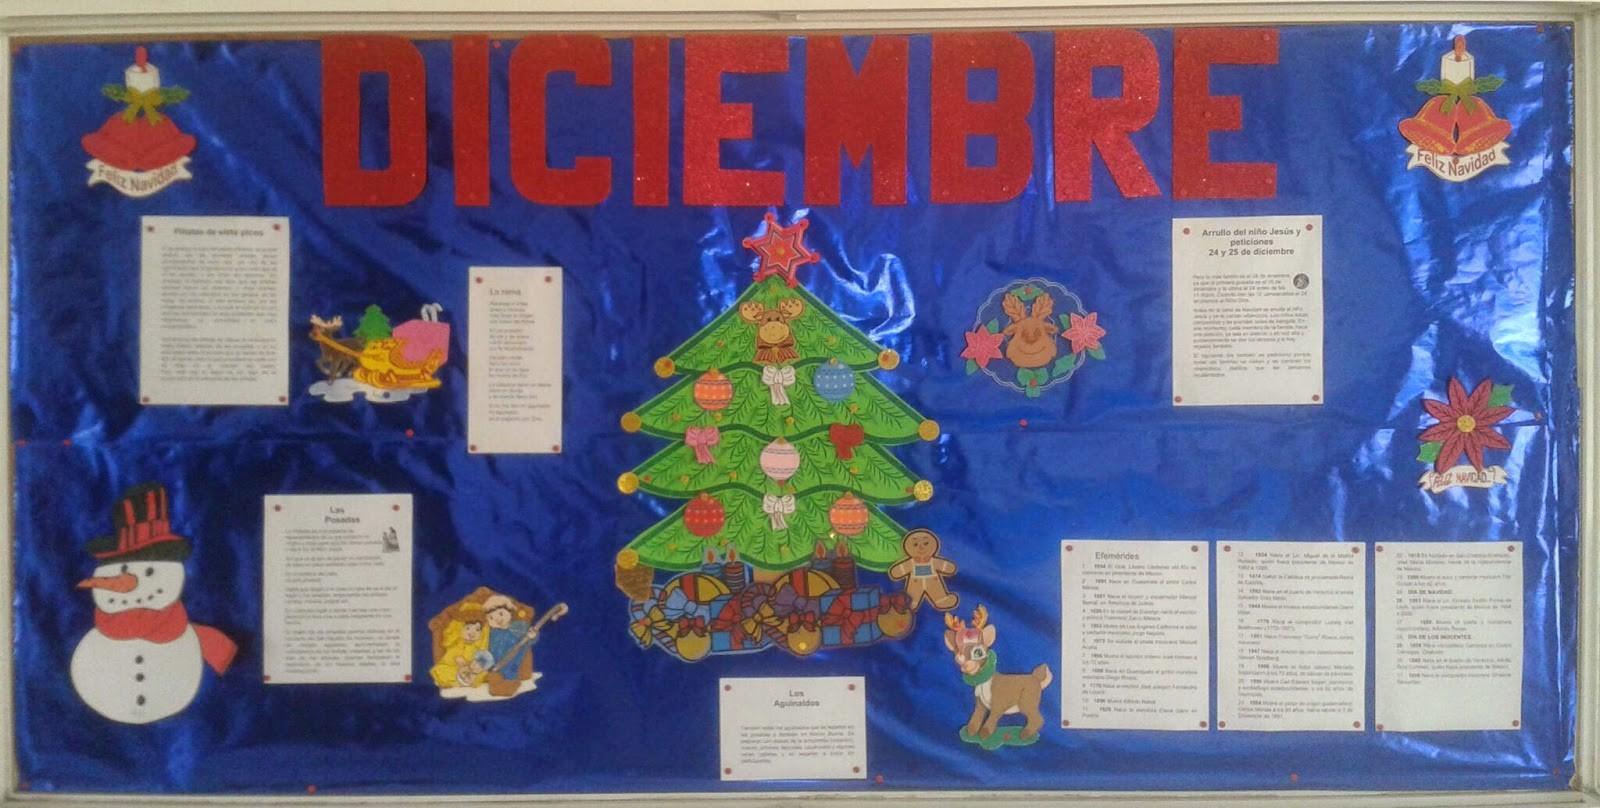 Periodico mural diciembre 2 imagenes educativas for Componentes de un periodico mural